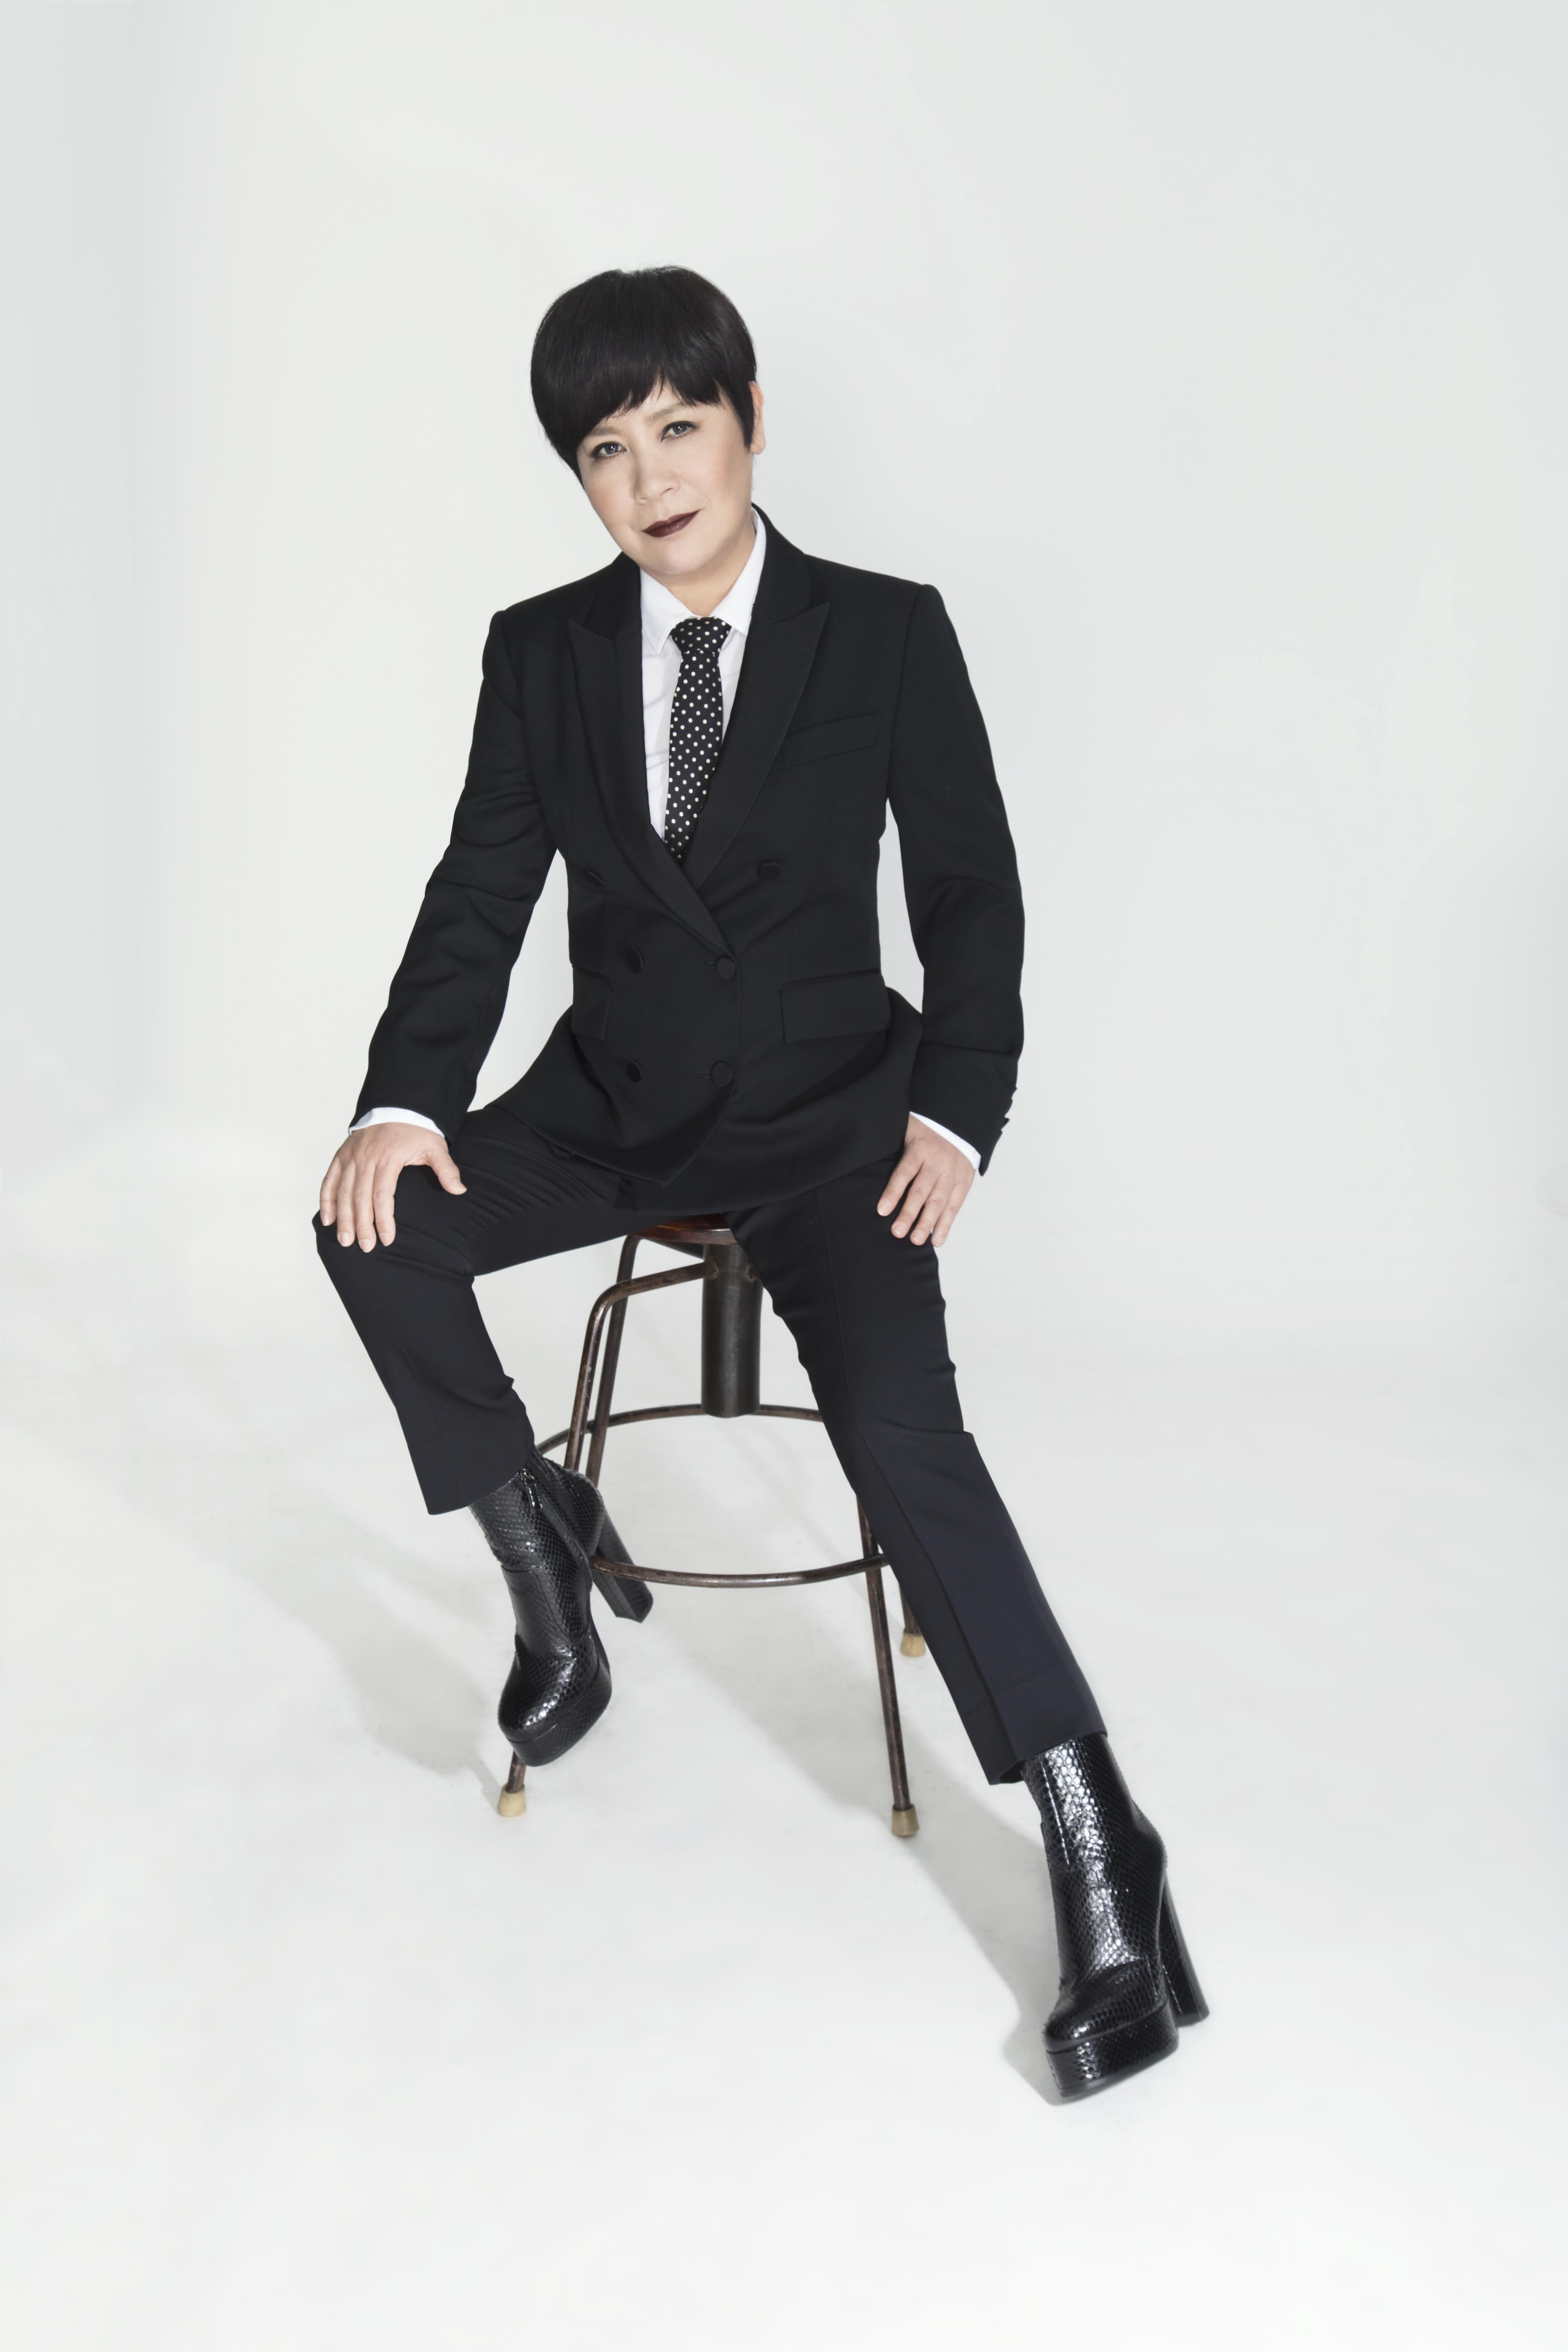 睽违四年黄小琥推出全新单曲《春到了》1/10全球同步各大数字平台正式上架